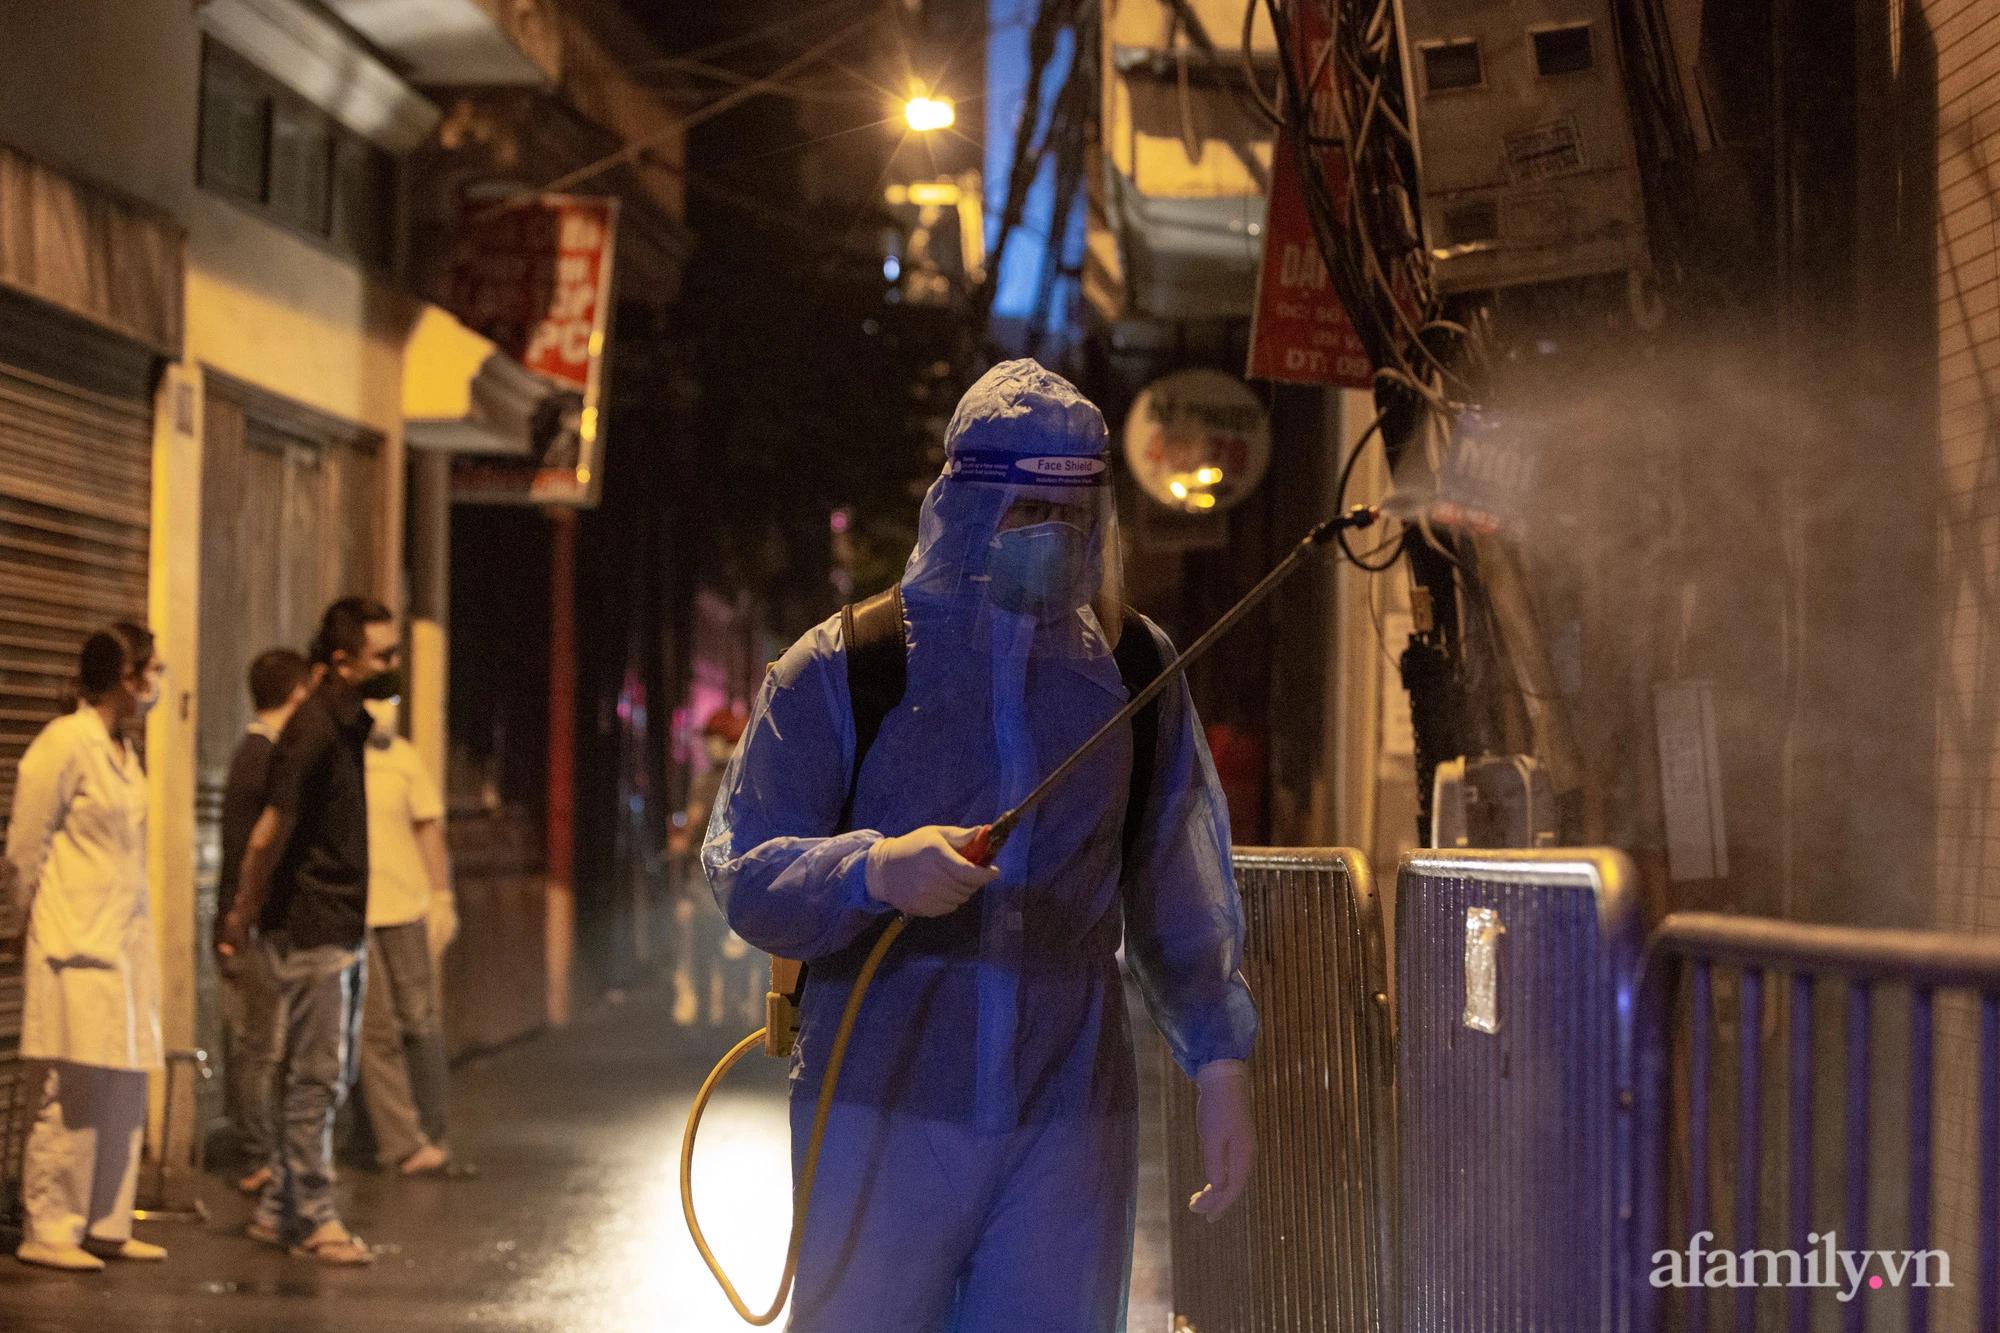 Hà Nội: Phong tỏa cửa hàng tạp hóa trong ngõ 79 đường Cầu Giấy, khẩn trương lấy mẫu xét nghiệm, truy vết trong đêm - Ảnh 11.